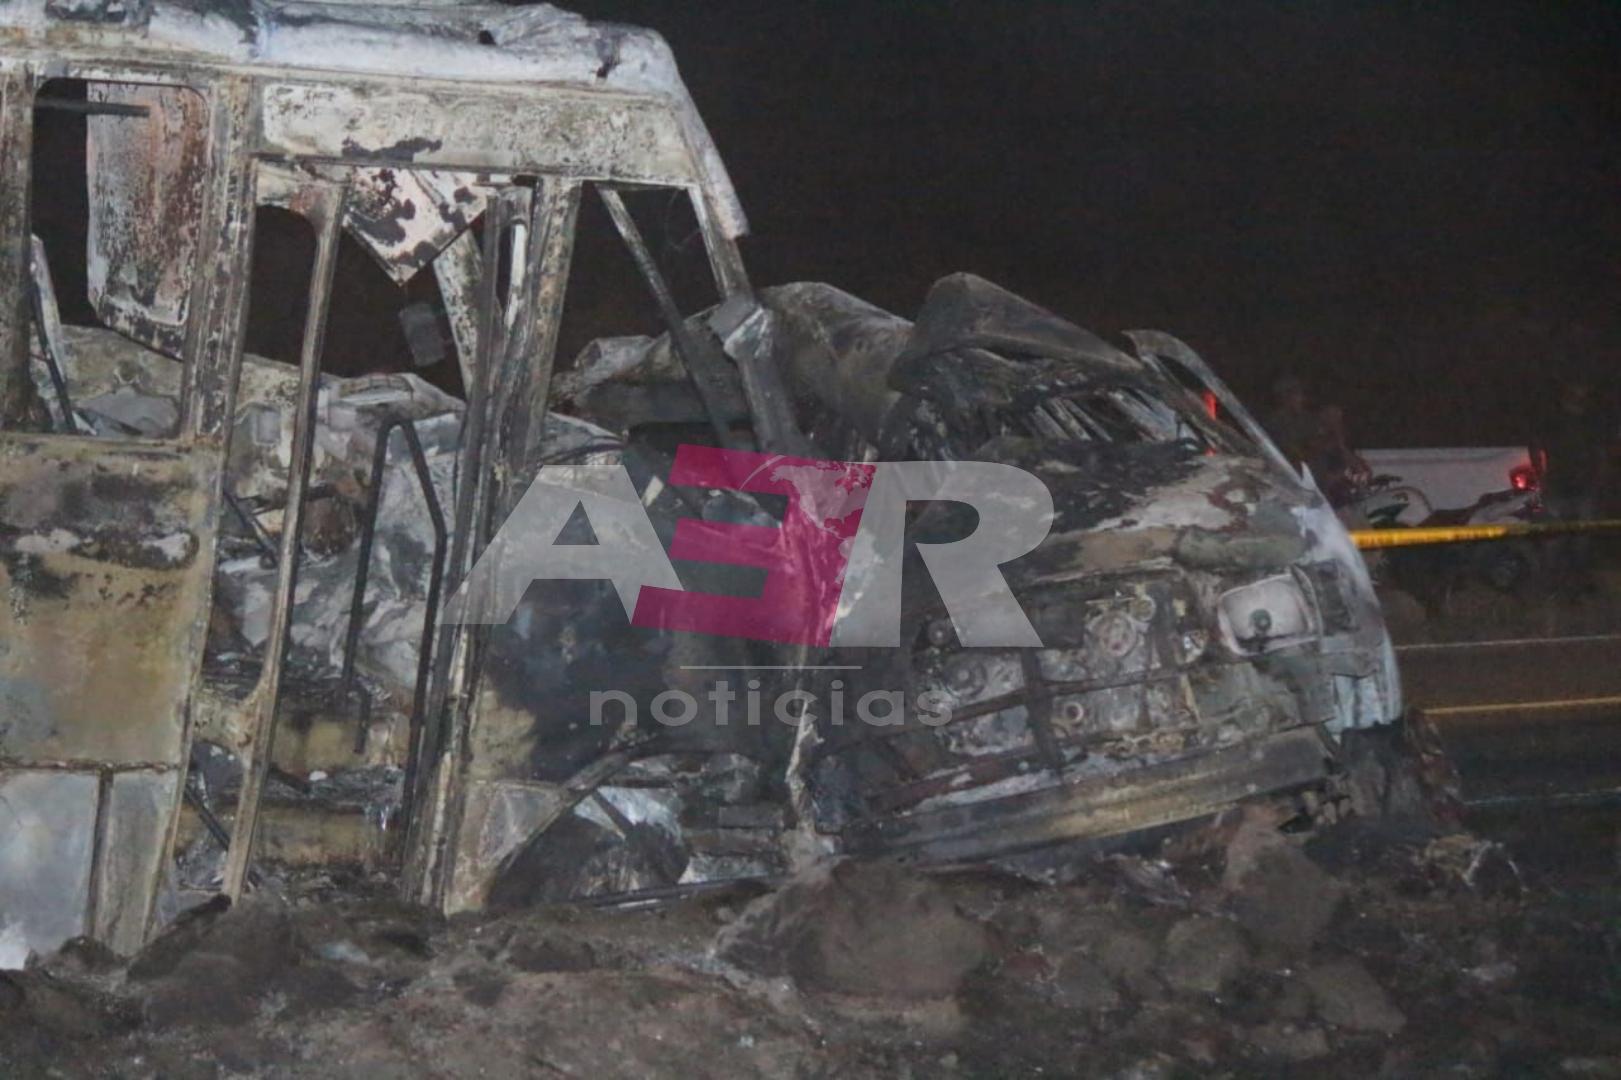 Muere calcinado conductor de camioneta al chocar contra transporte de personal 1